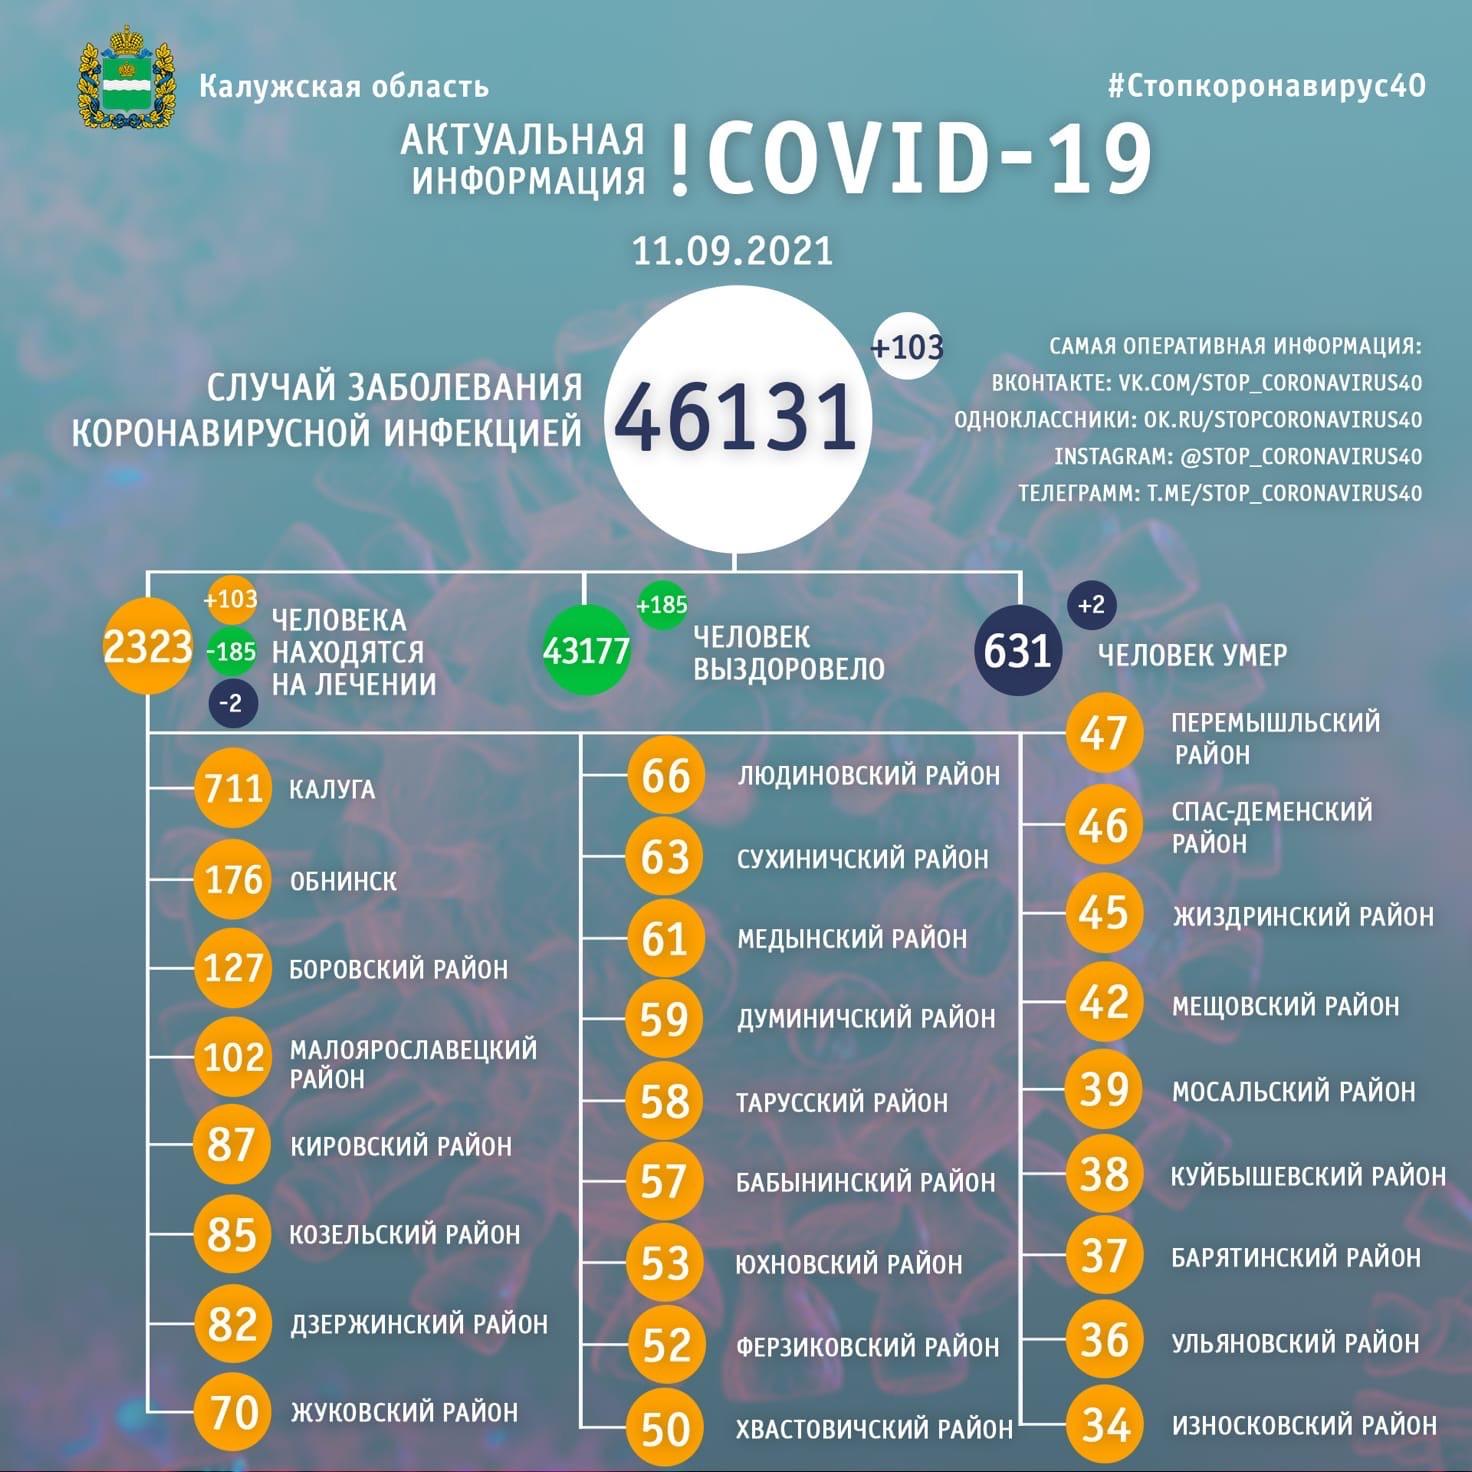 Официальная статистика по коронавирусу в Калужской области на 11 сентября 2021 года.